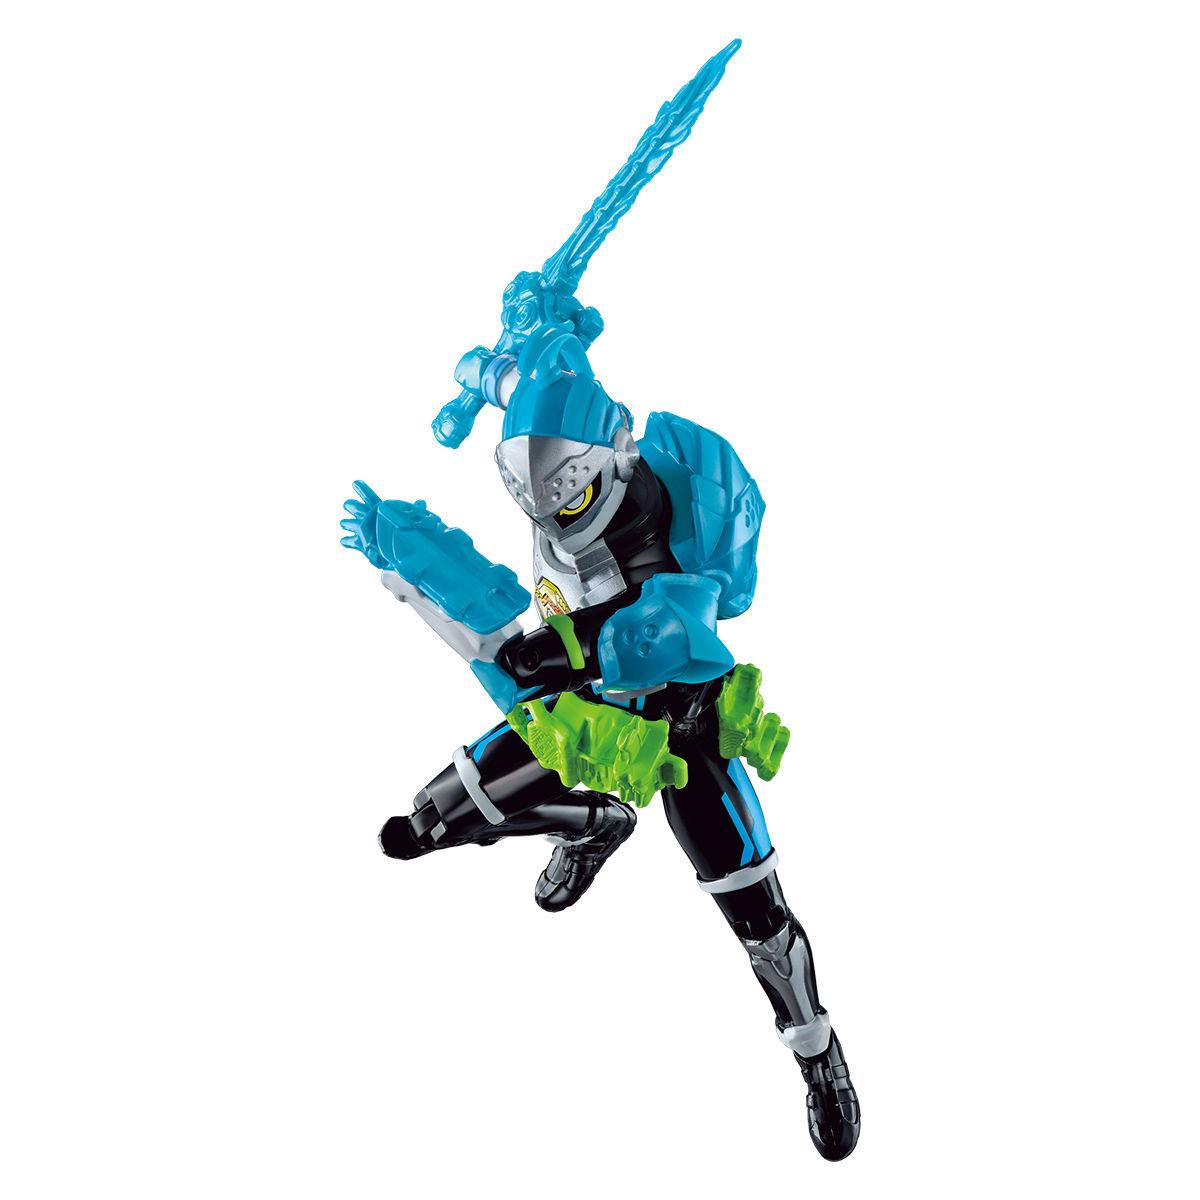 RKFレジェンドライダーシリーズ『仮面ライダーブレイブ クエストゲーマーレベル2』可動フィギュア-002